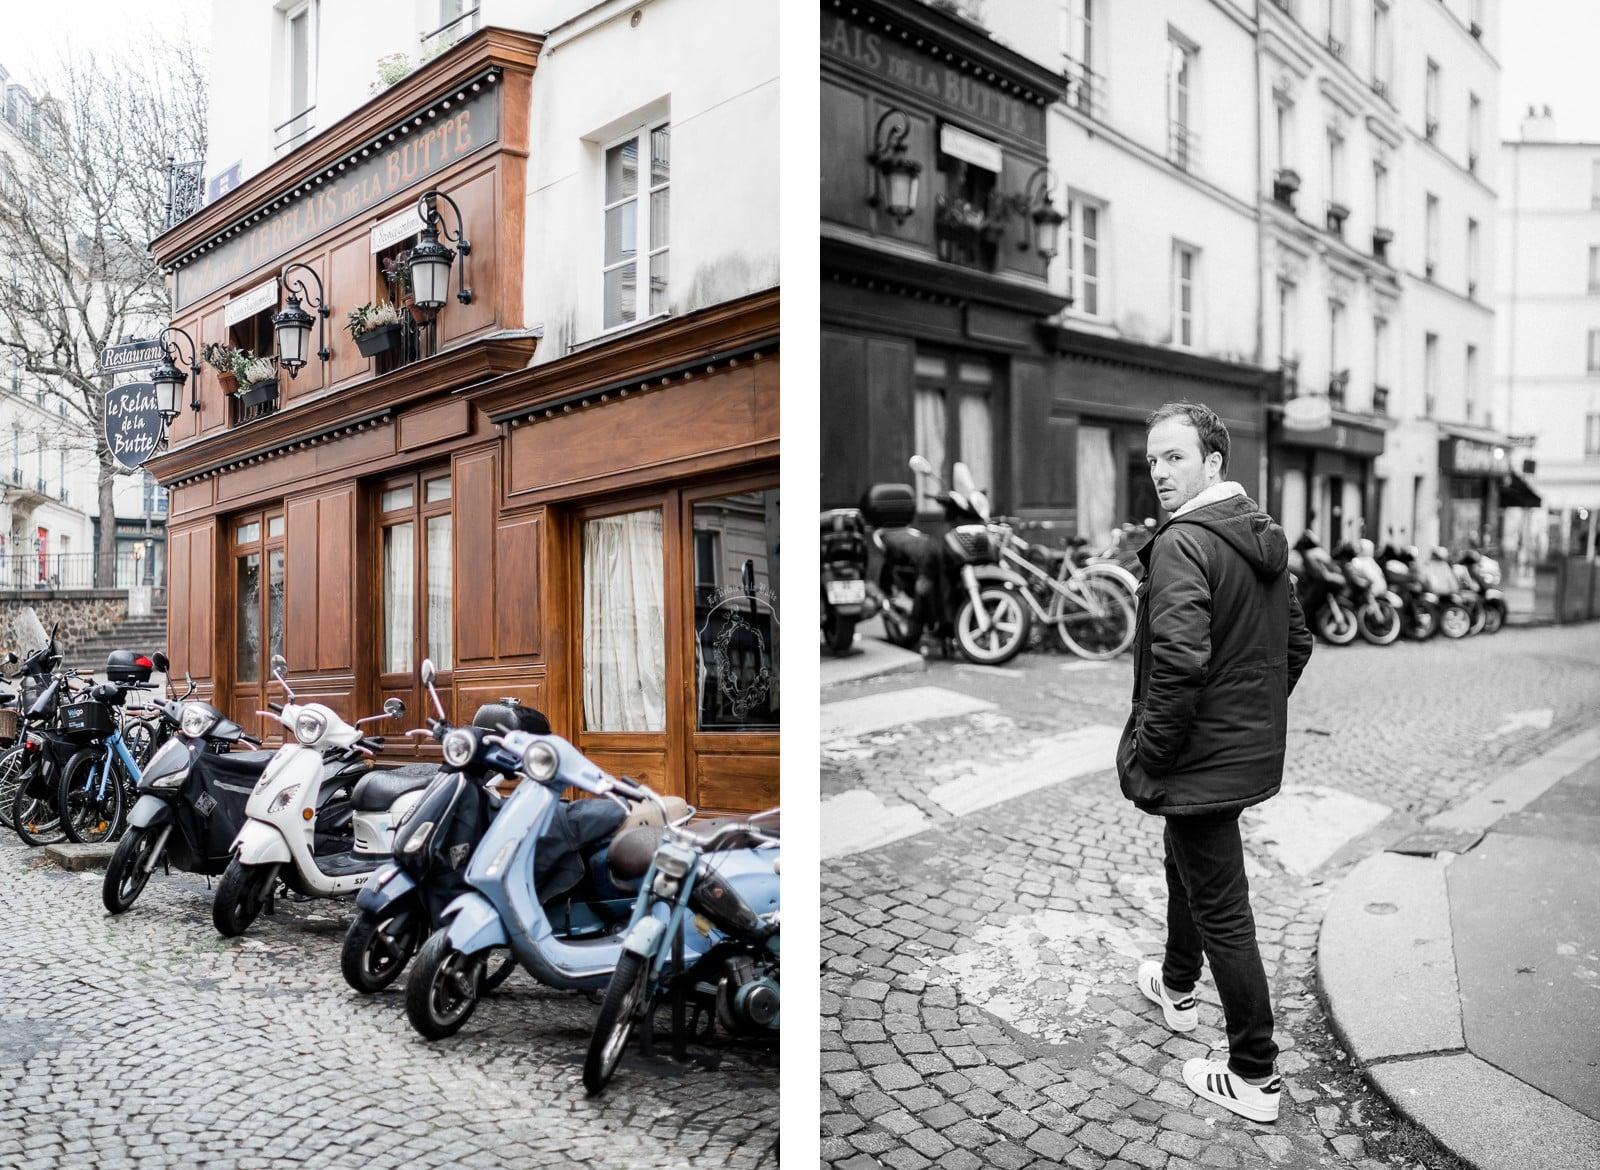 Photographie de Mathieu Dété, photographe de mariage et portrait sur l'île de la Réunion (974), présentant un portrait du chanteur Benoît Dorémus dans une ruelle pavée de Paris